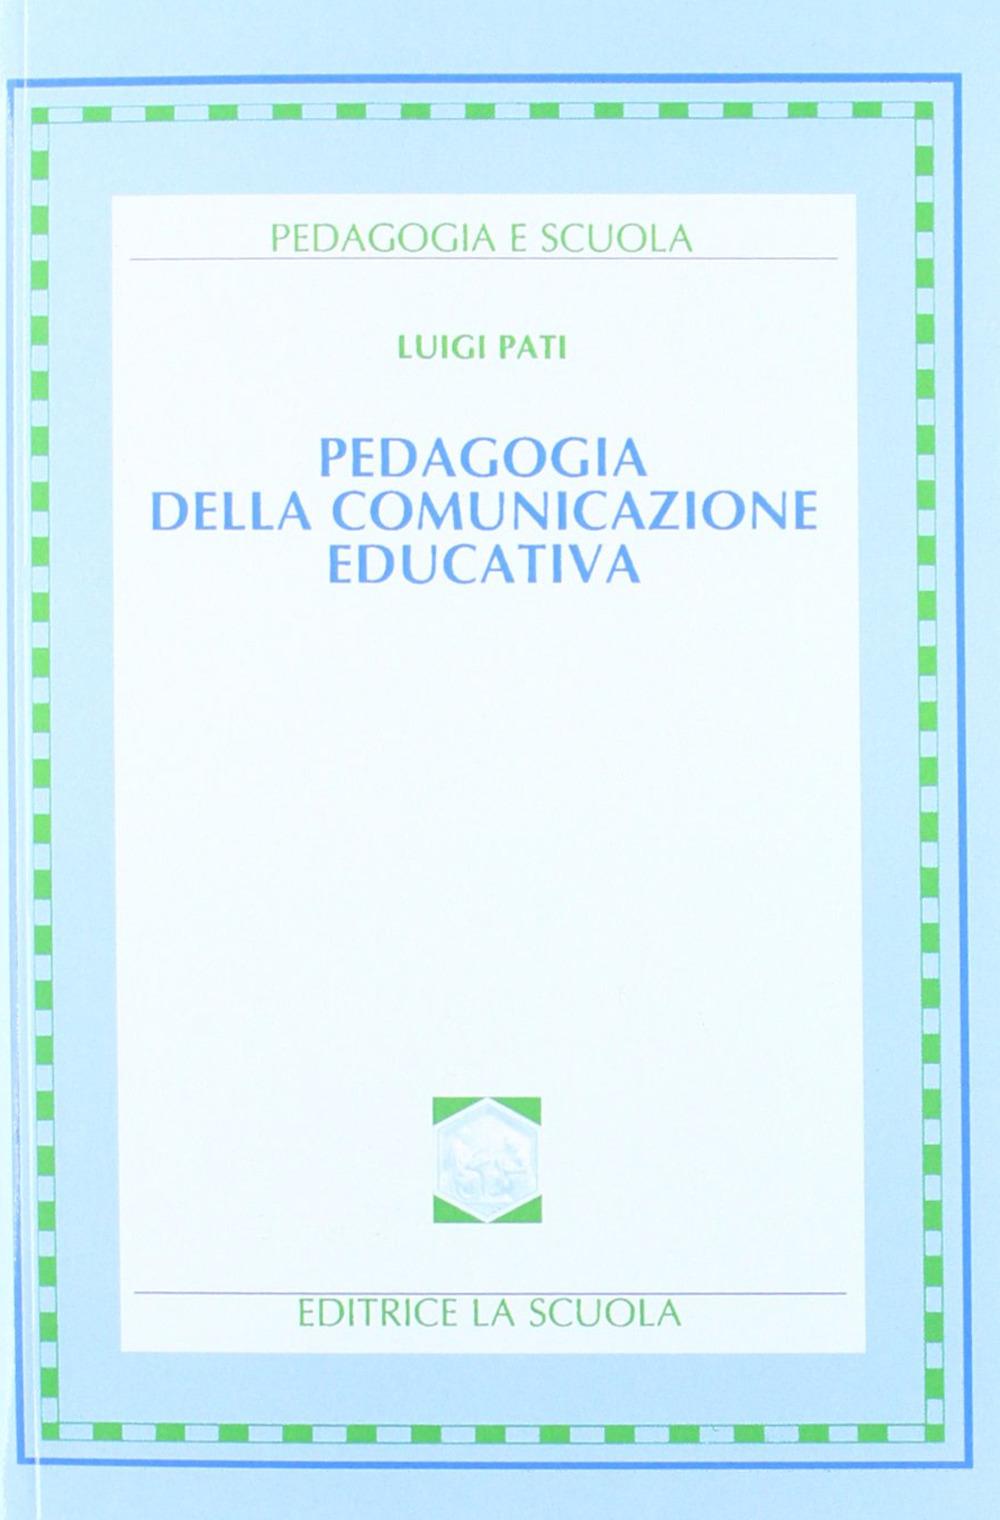 Image of Pedagogia della comunicazione educativa